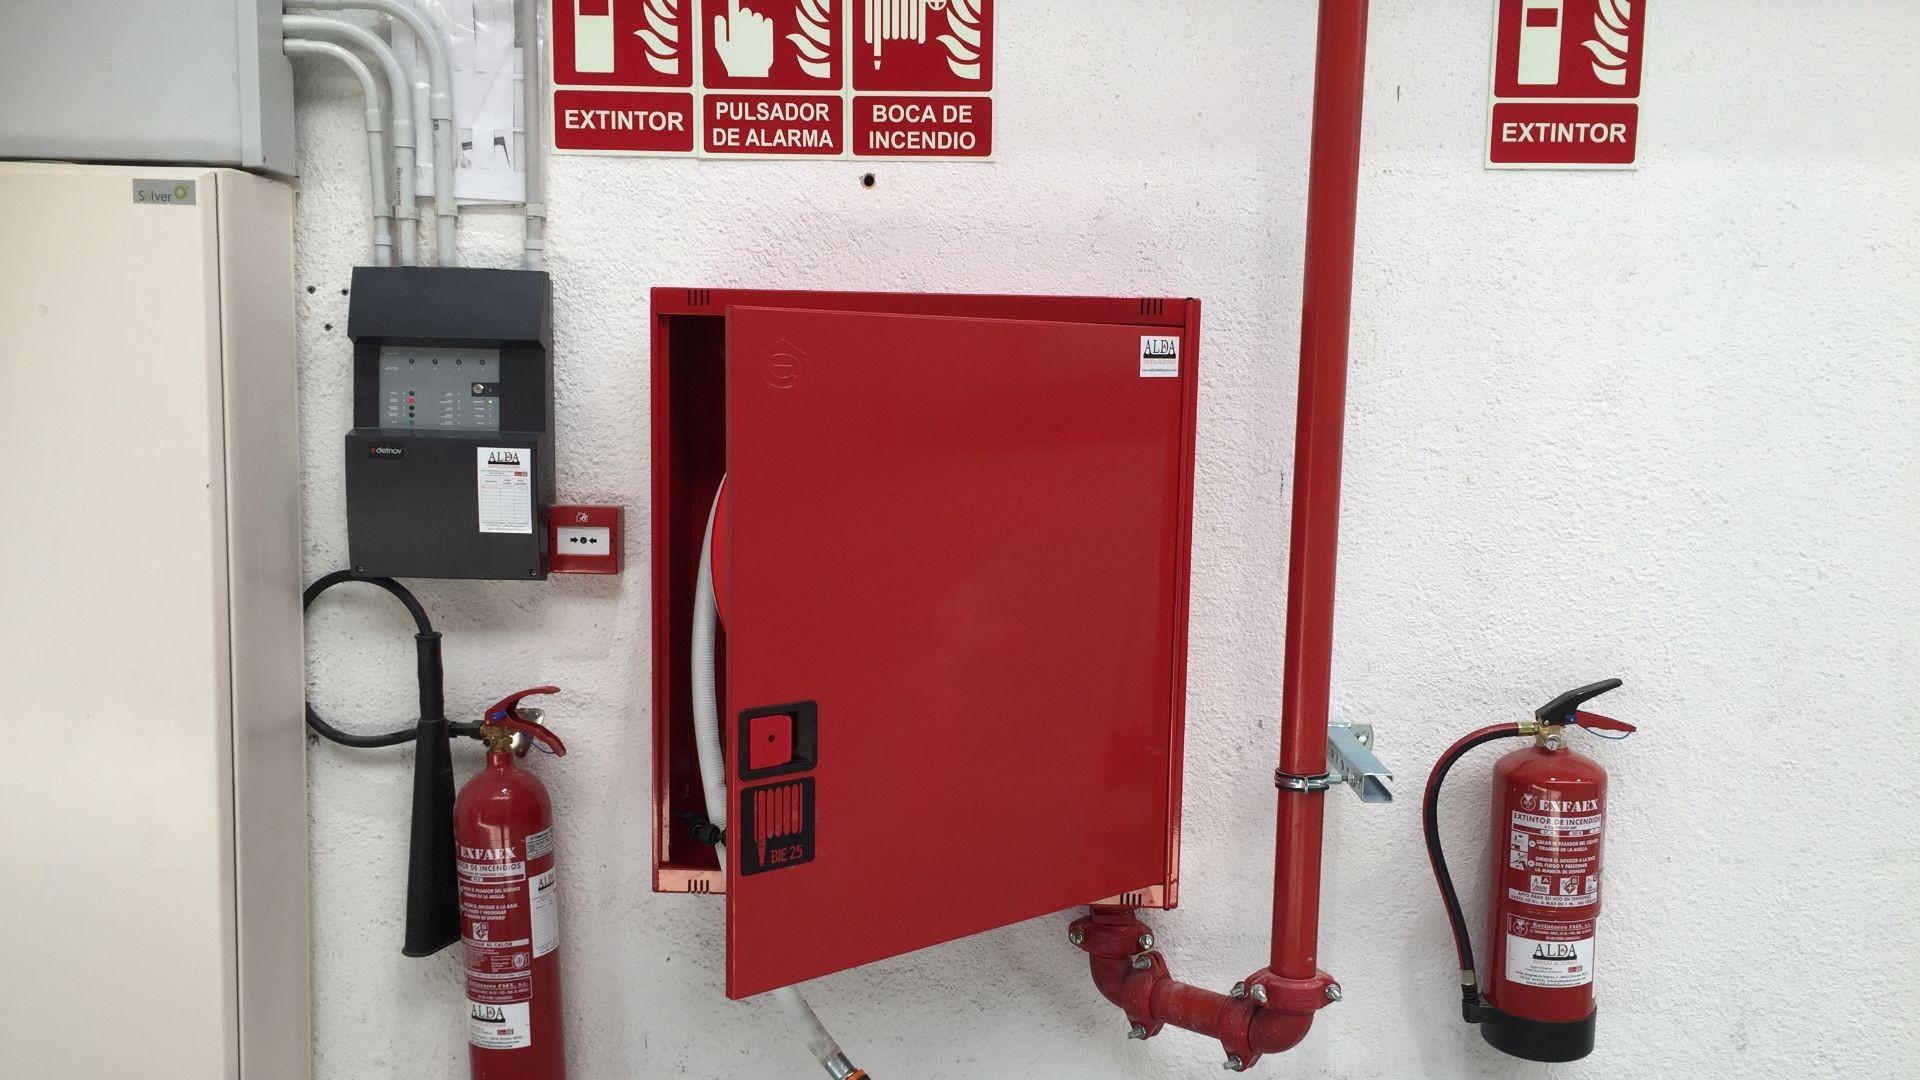 Instalación y mantenimiento Protección Contra Incendios. Alarma, Extintor, BIE, Pulsador.